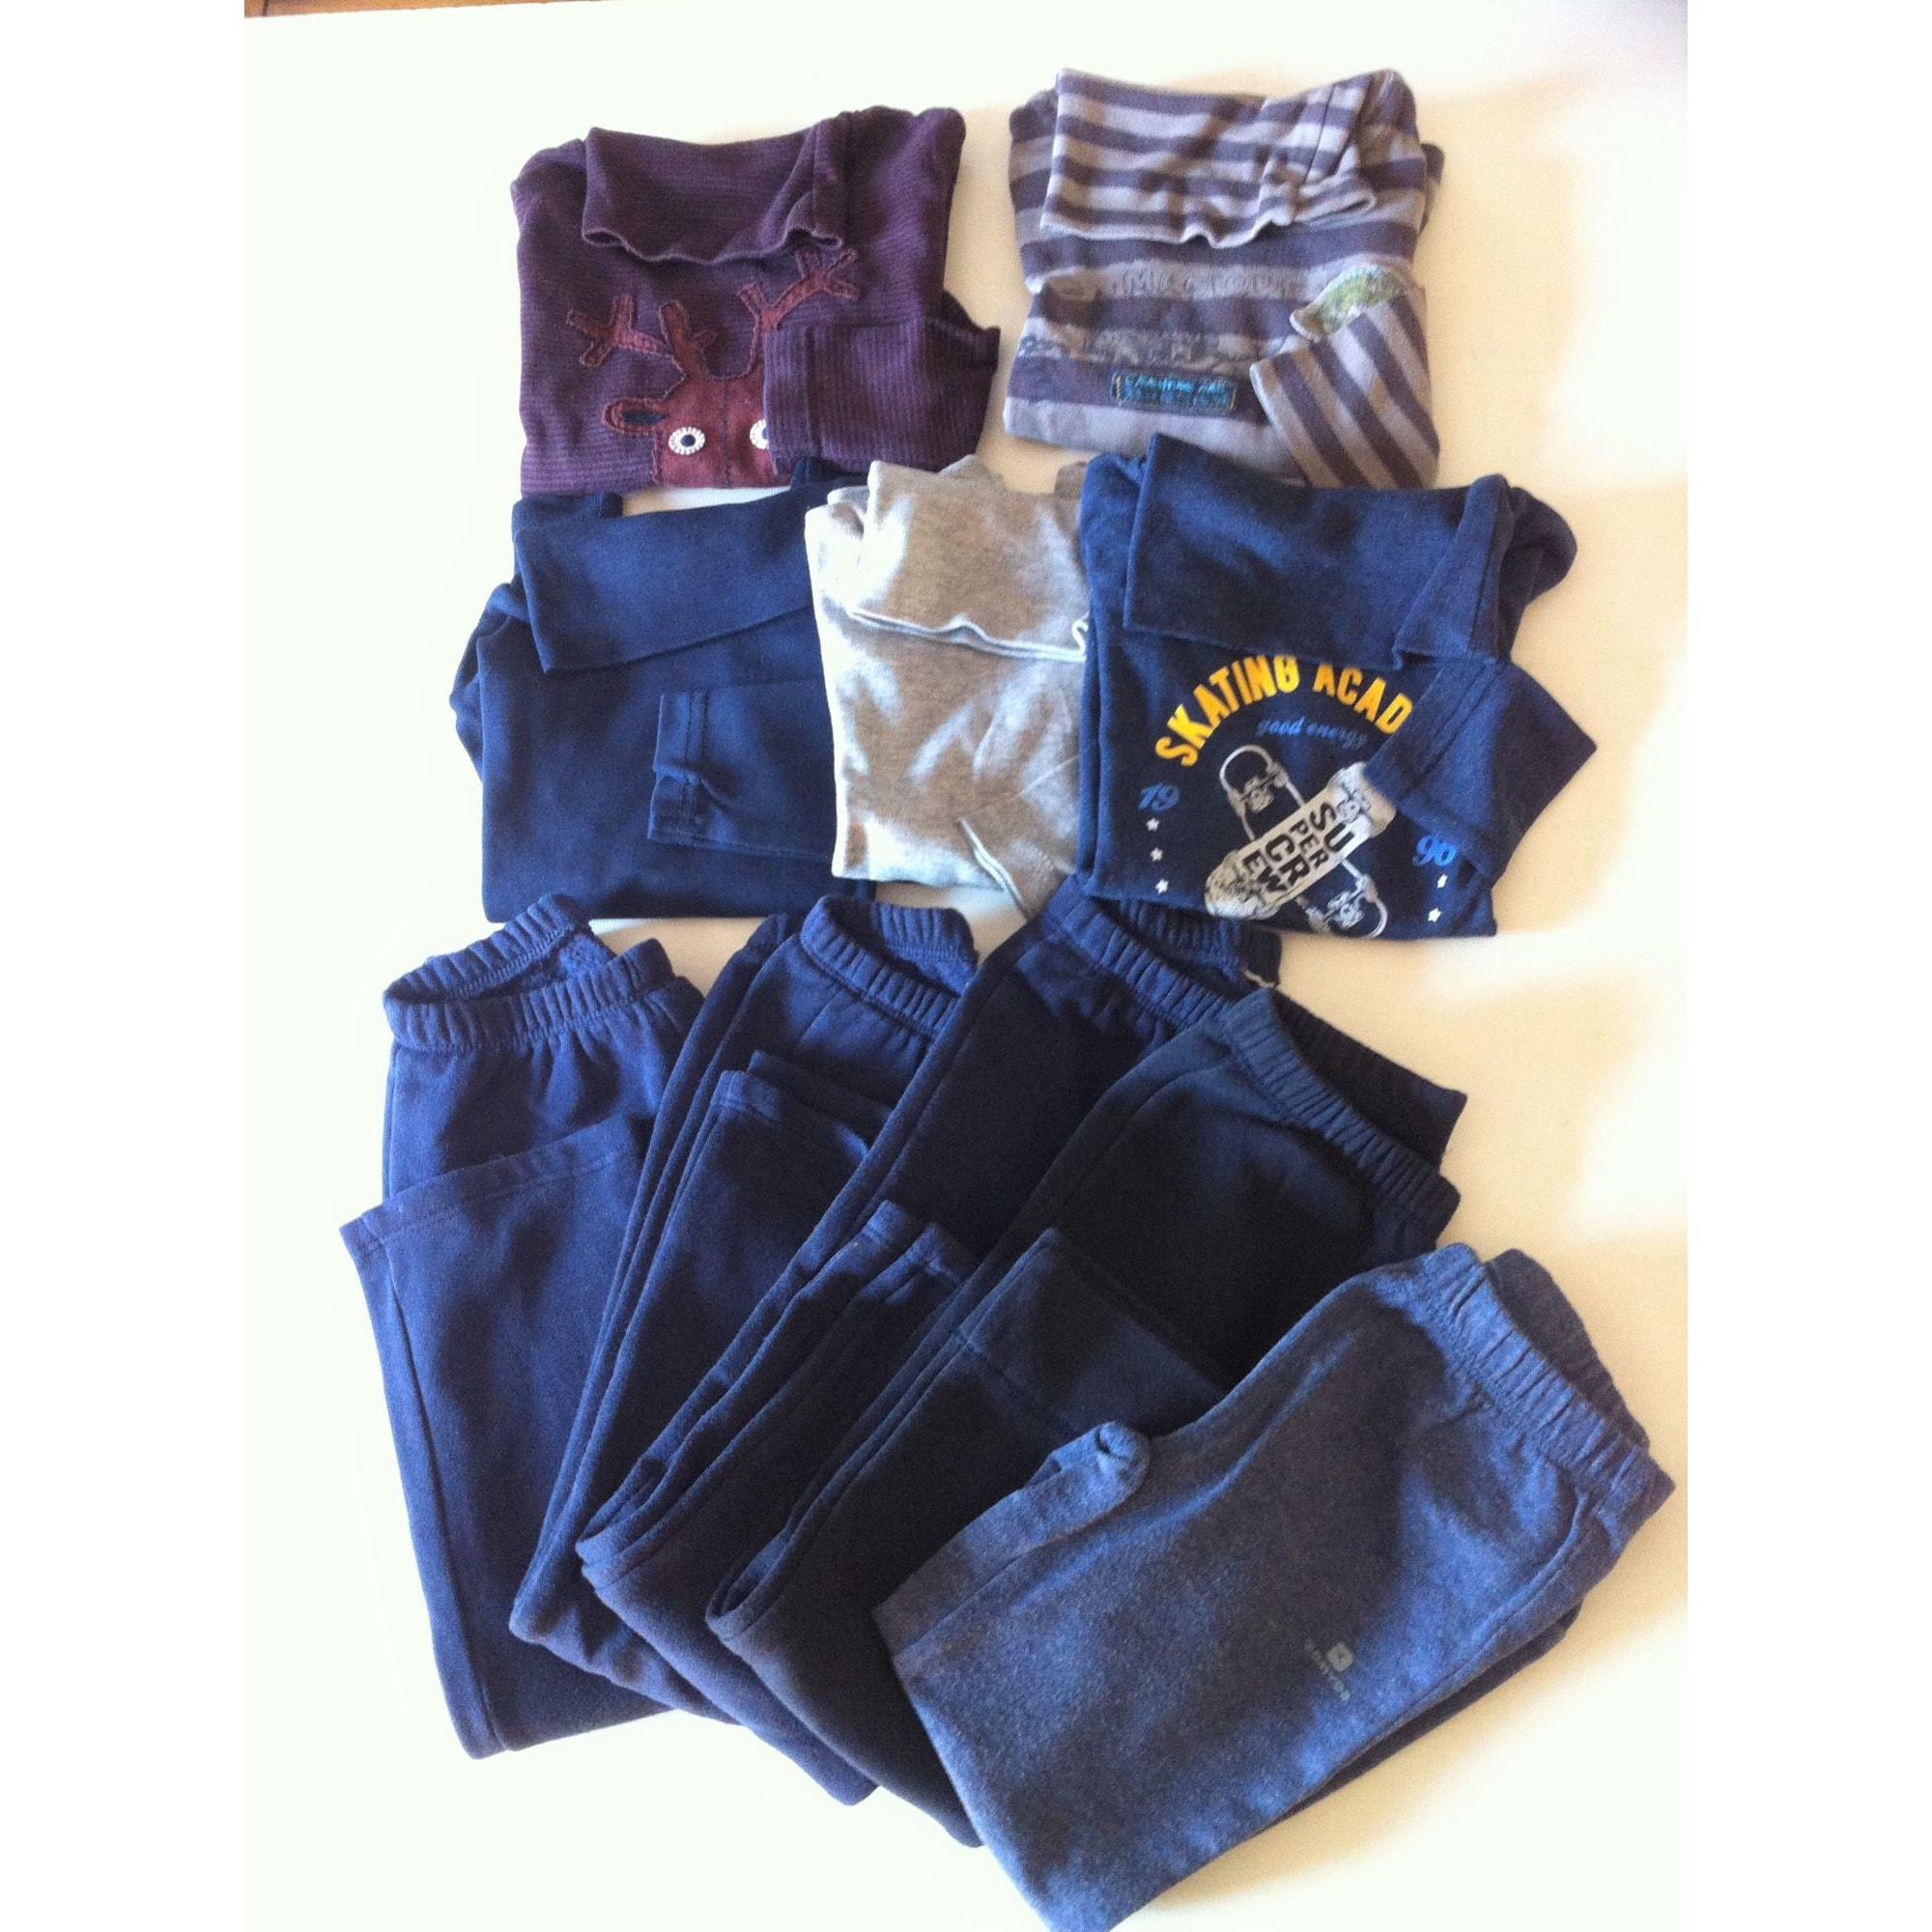 Ensemble & Combinaison pantalon SERGENT MAJOR bordeaux, bleu marine, noir, gris clair